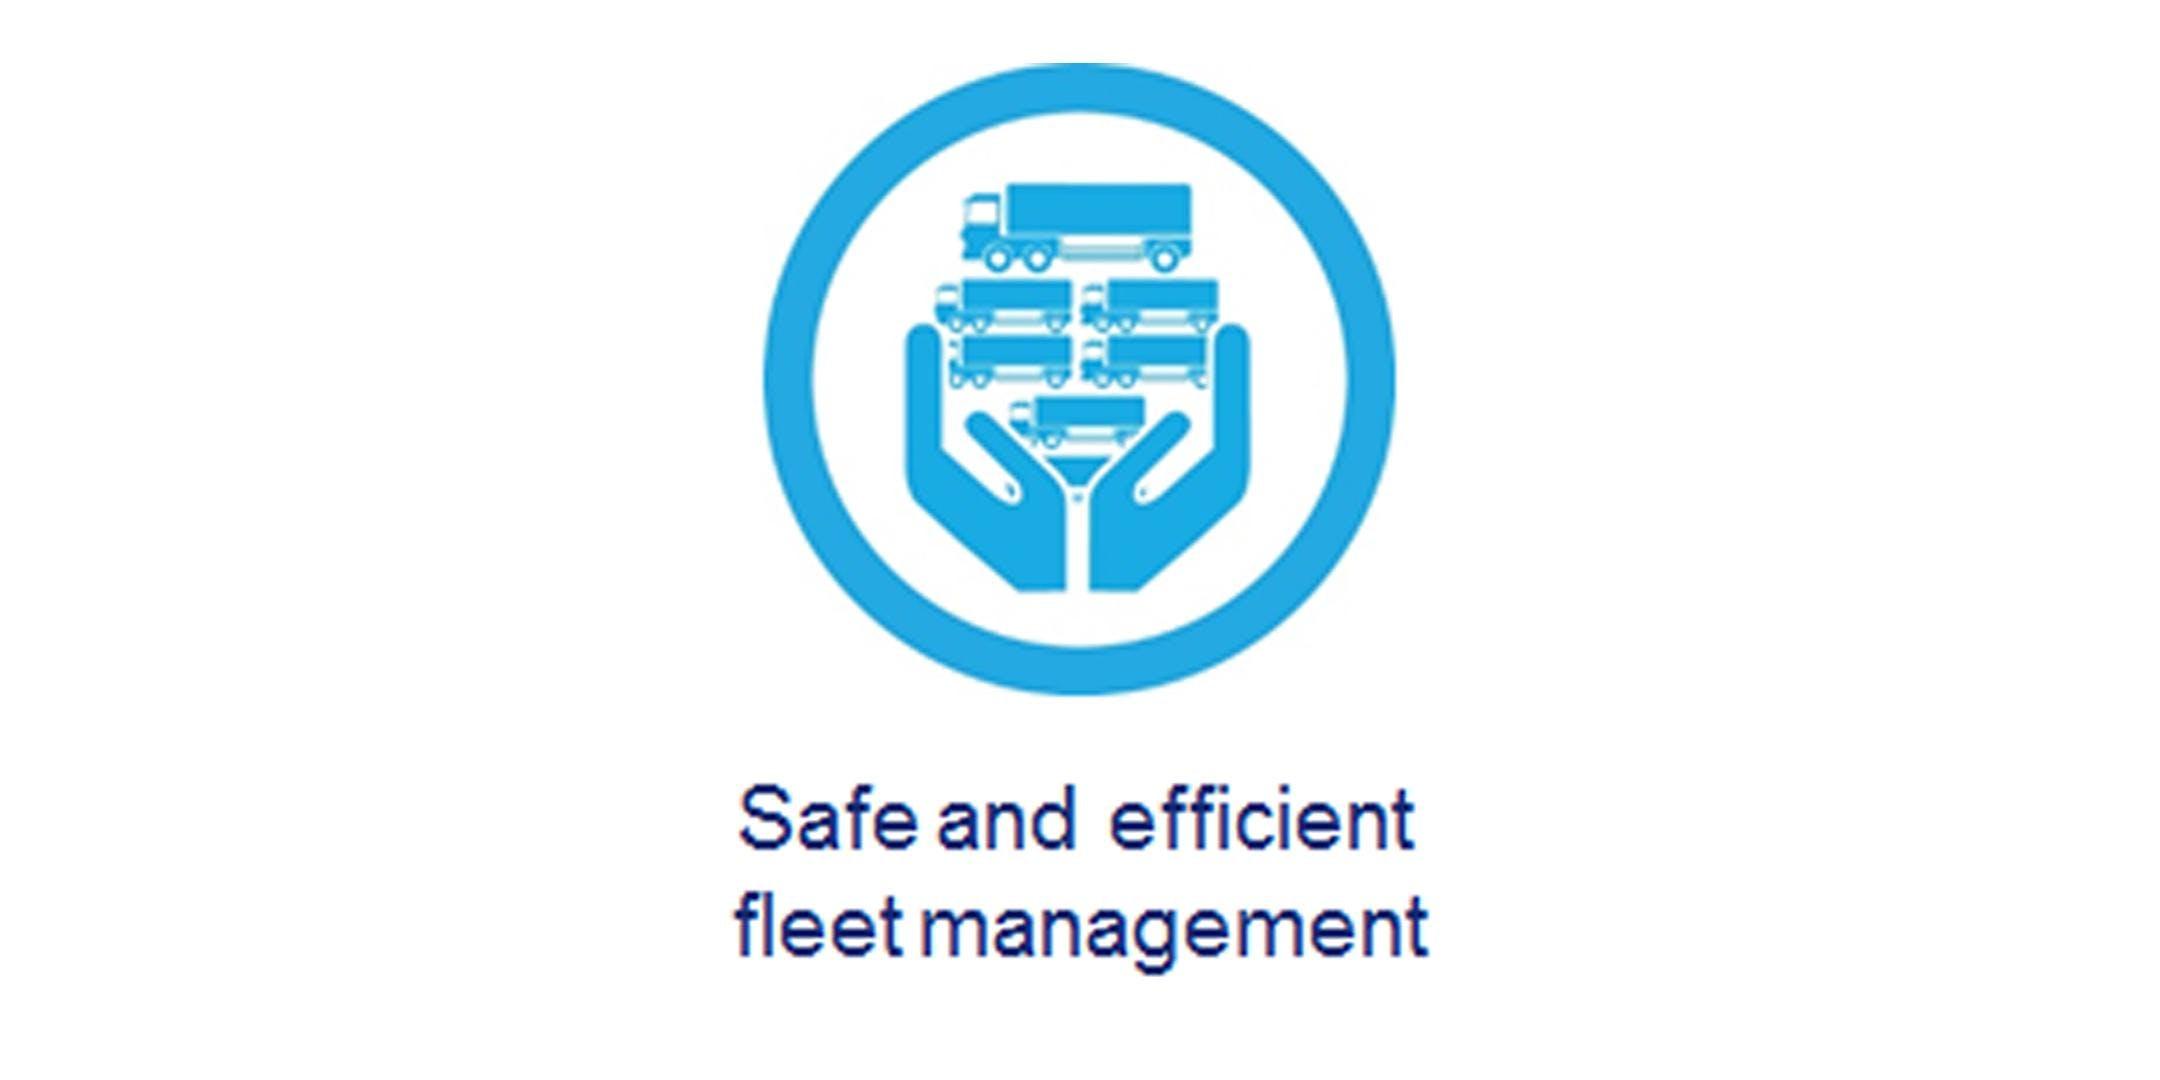 6 - Safe and efficient fleet management - Exe